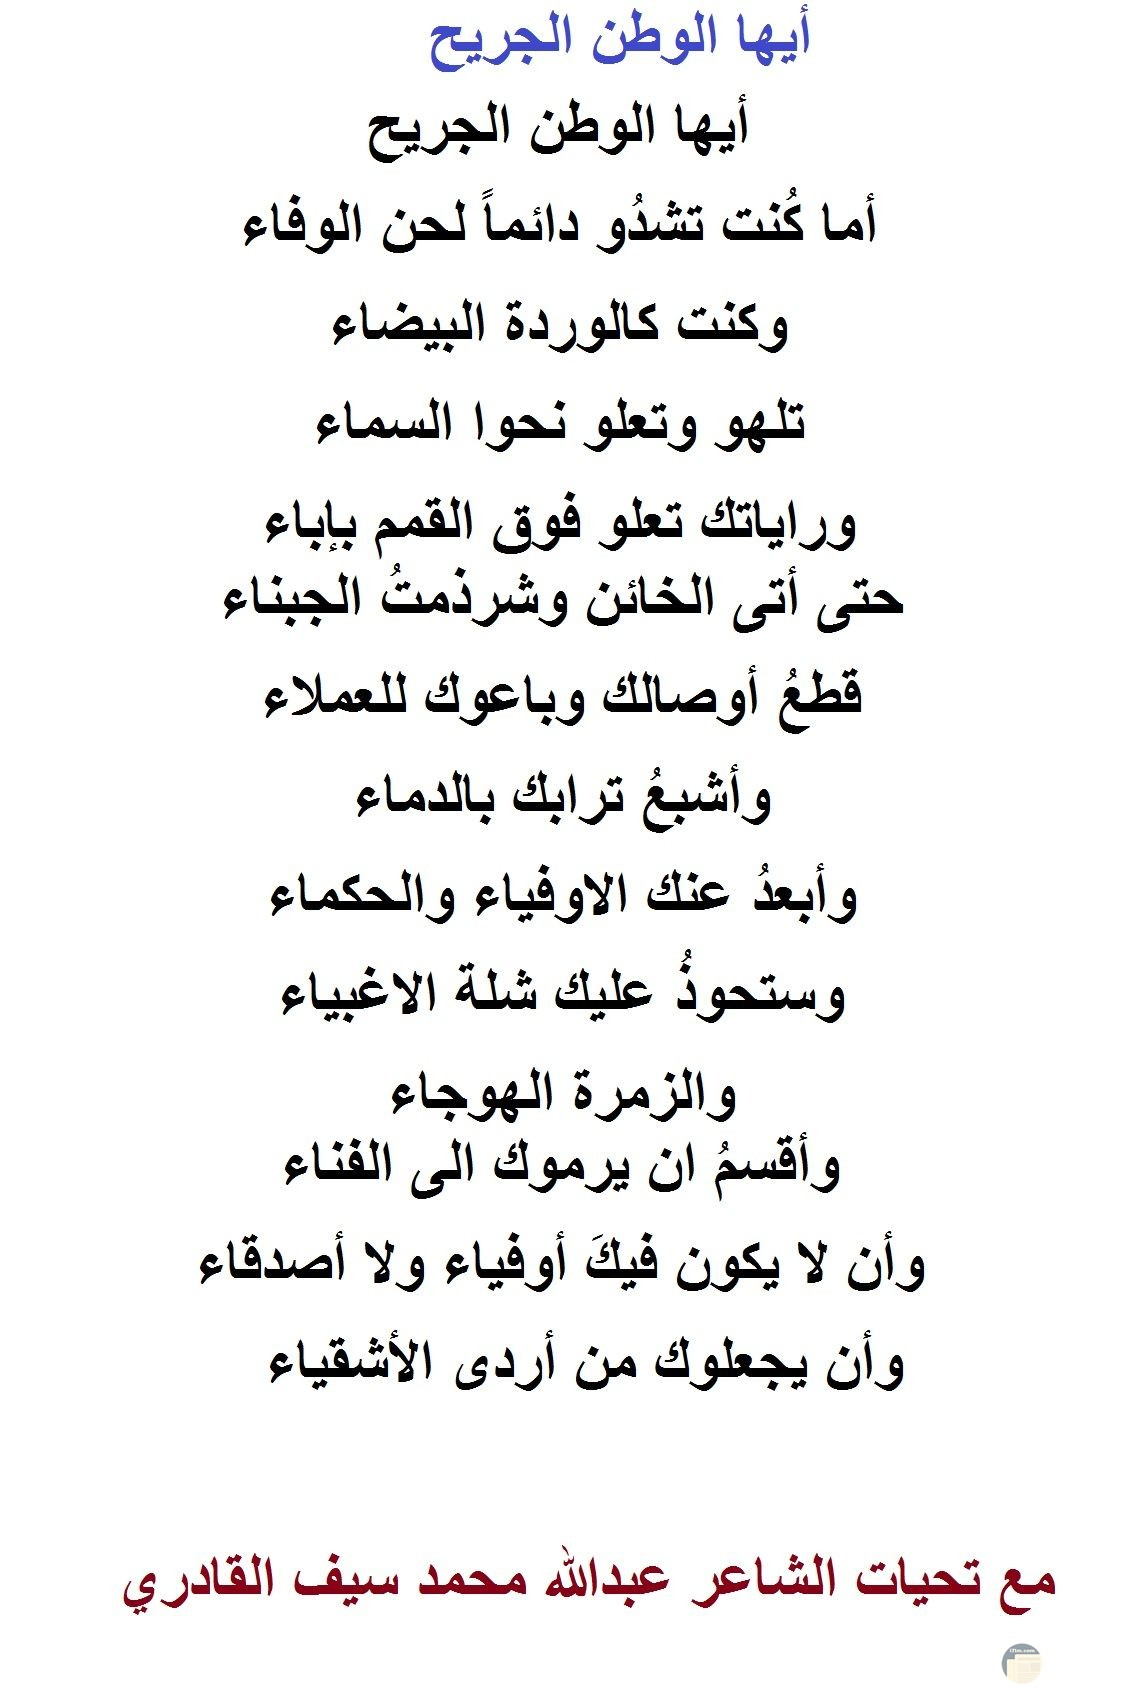 الشاعر عبد الله محمد سيف القادري - شعر أيها الوطن الجريح.